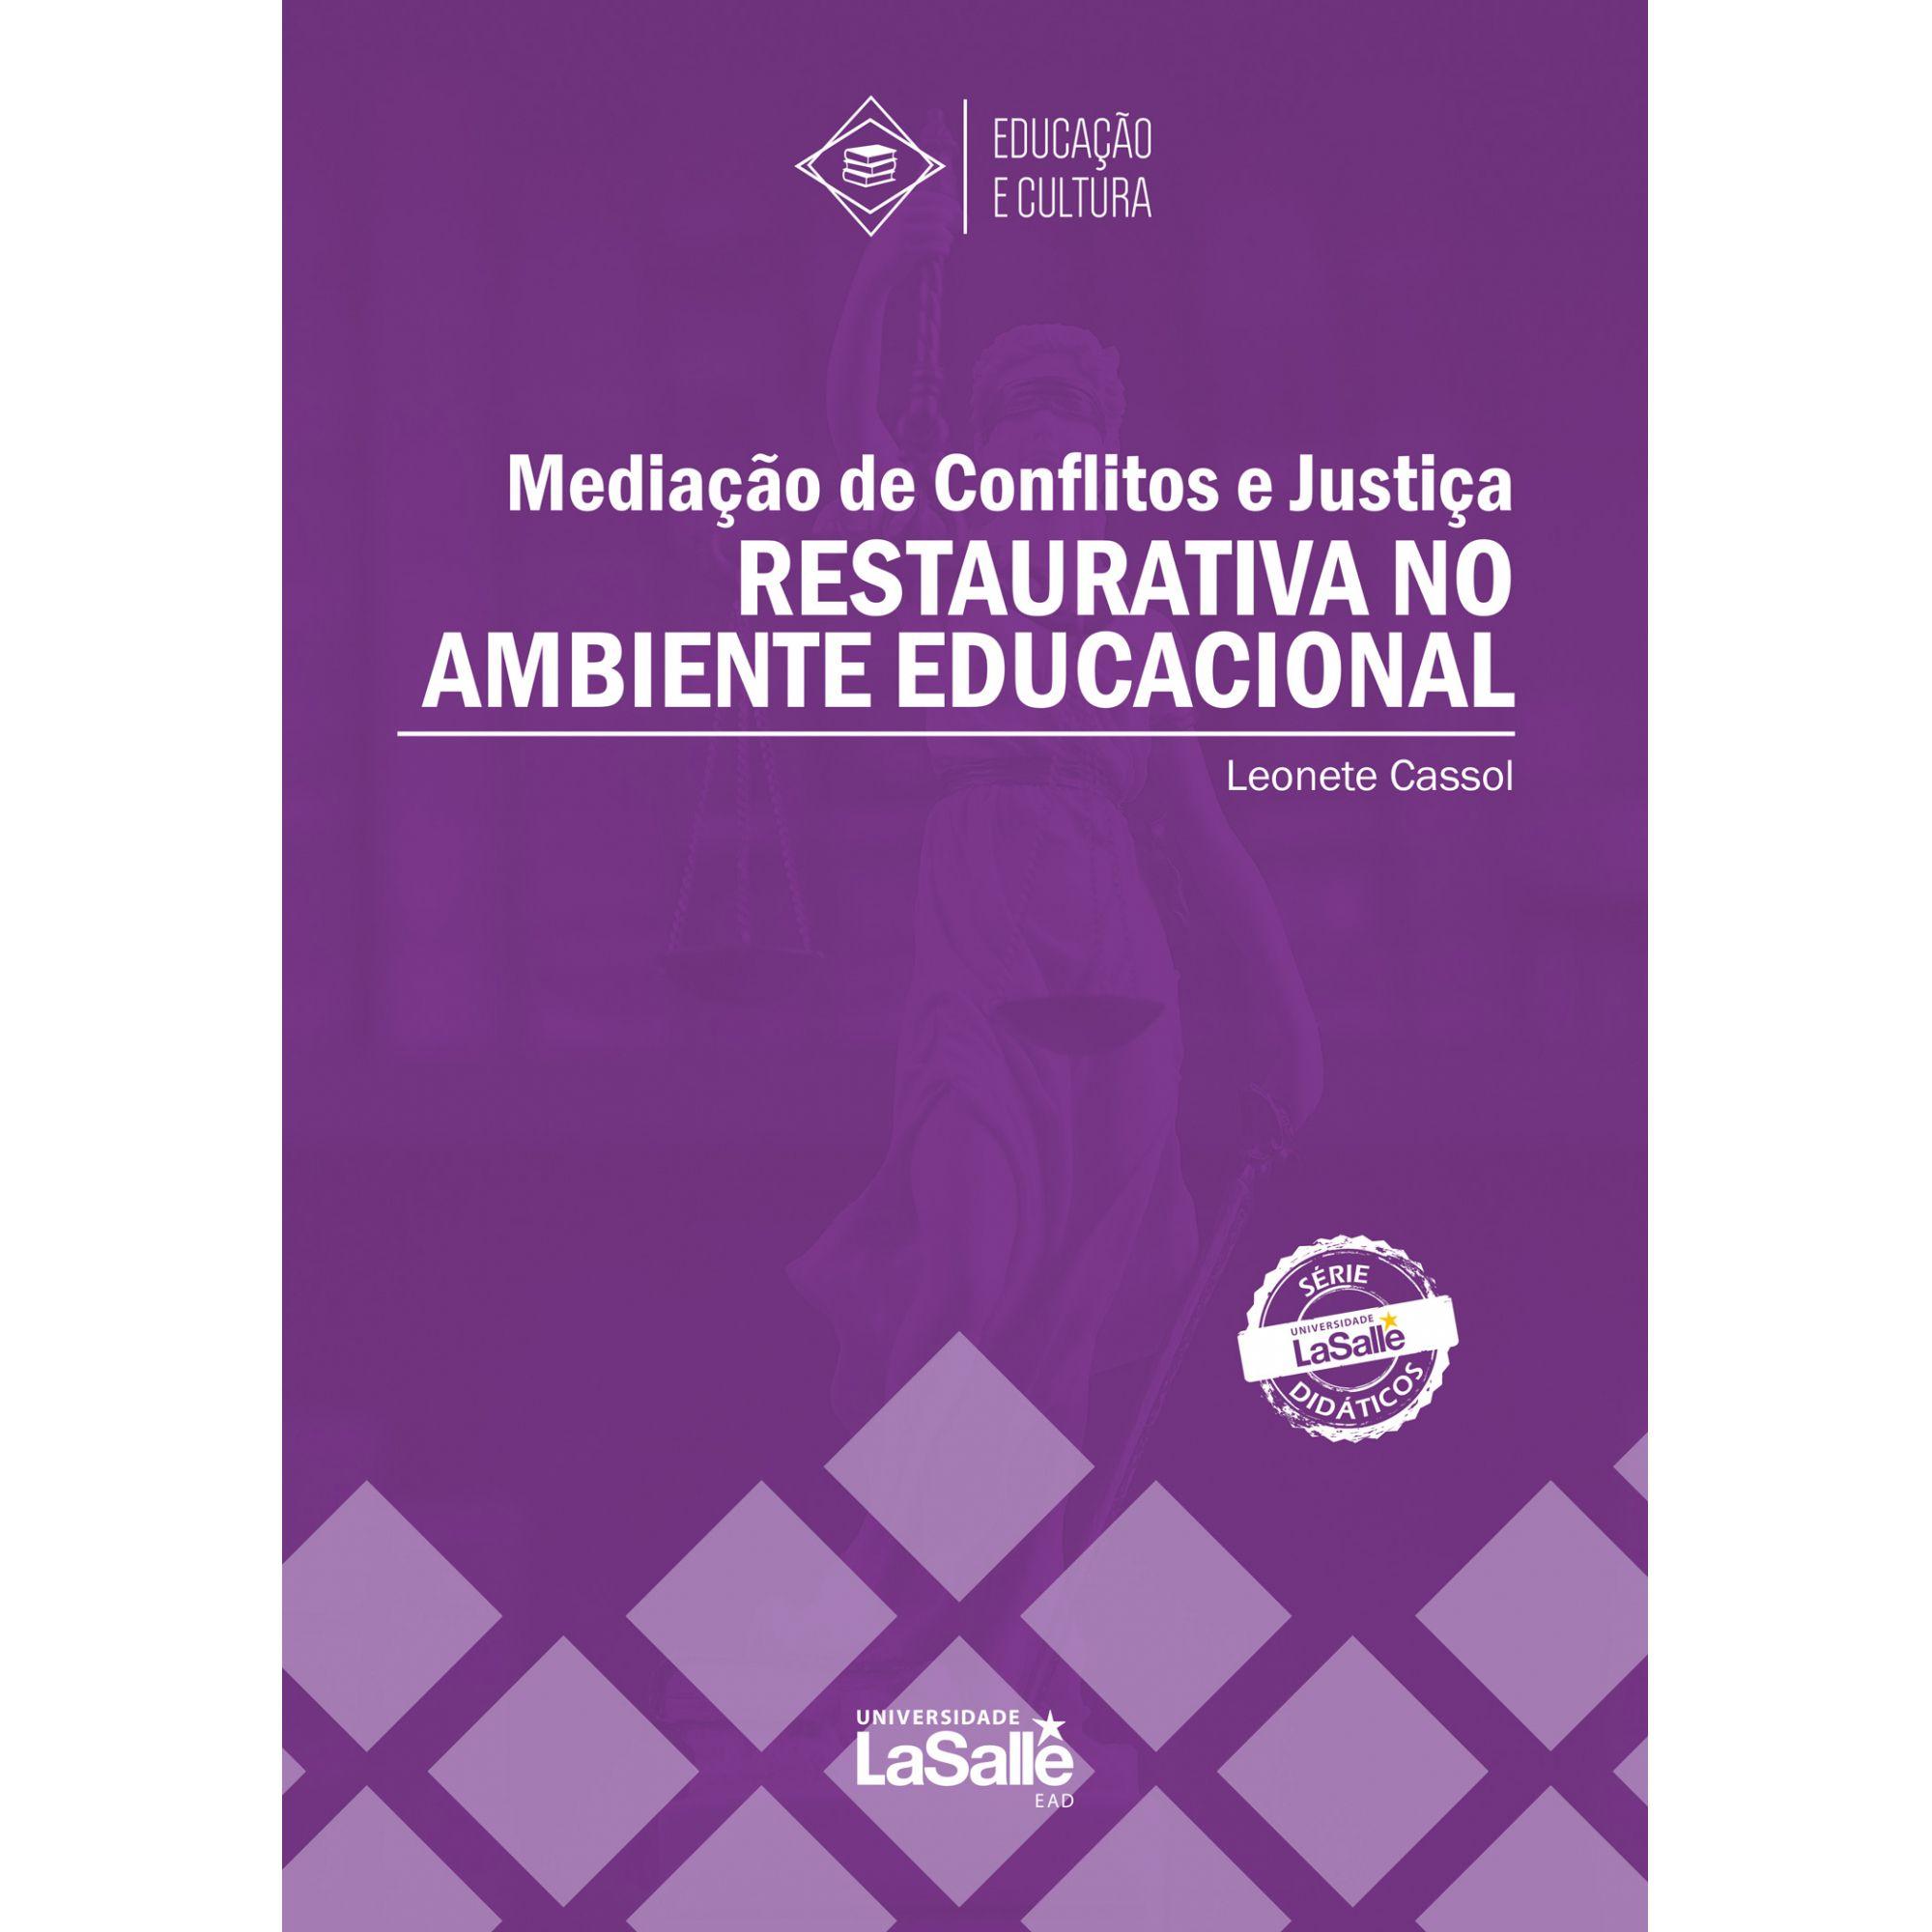 Mediação de Conflitos e Justiça Restautativa no Ambiente Educacinal